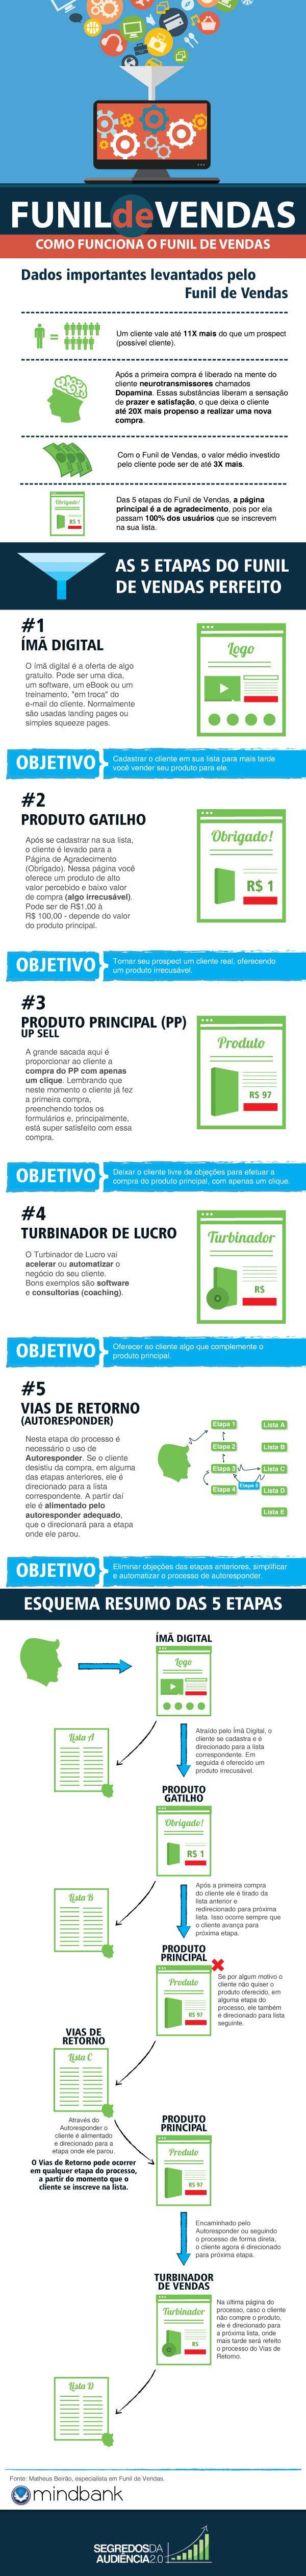 Tripwire Como funciona Funil de Vendas para triplicar as suas vendas!